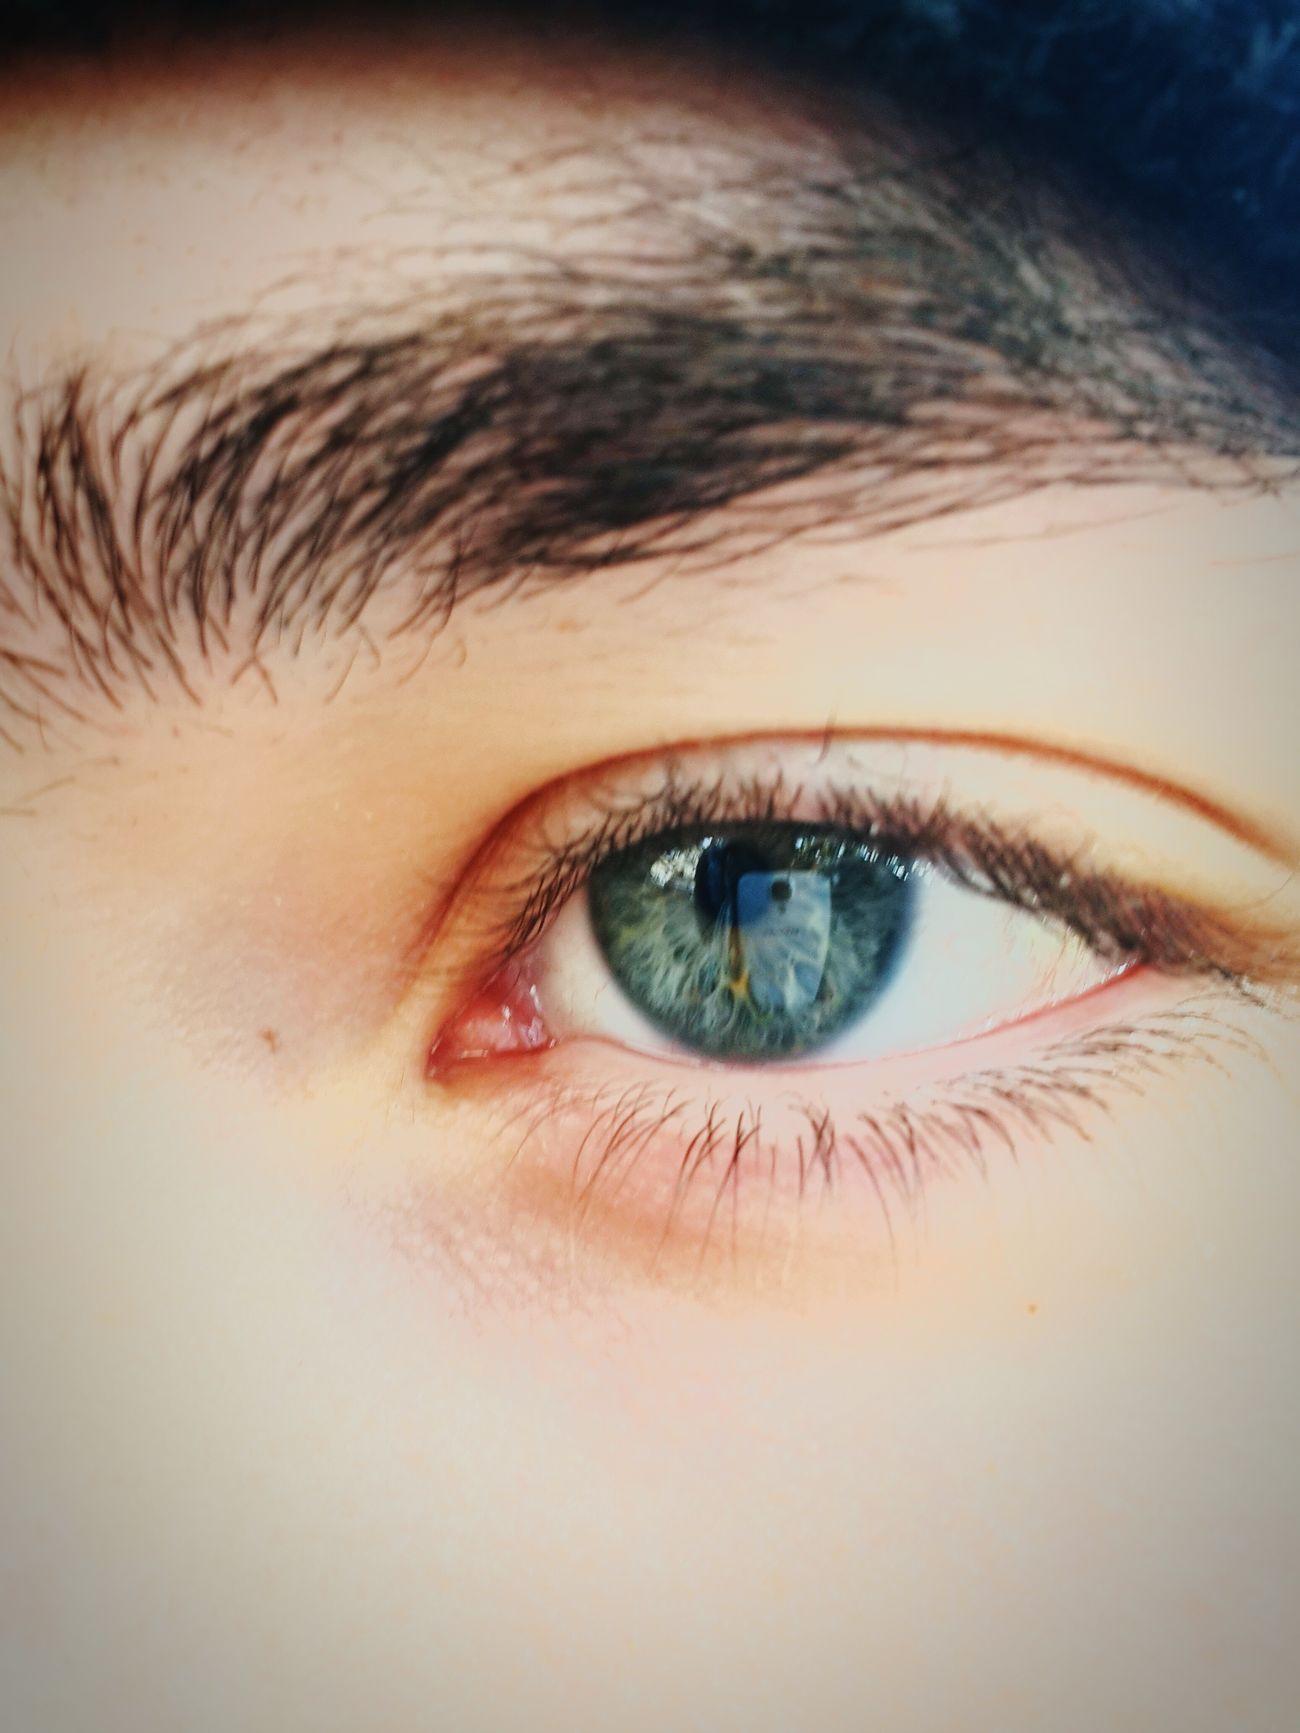 Eye4photography  Eye For Photography Green Eyes Reflejo En Ojos Tomando Fotos